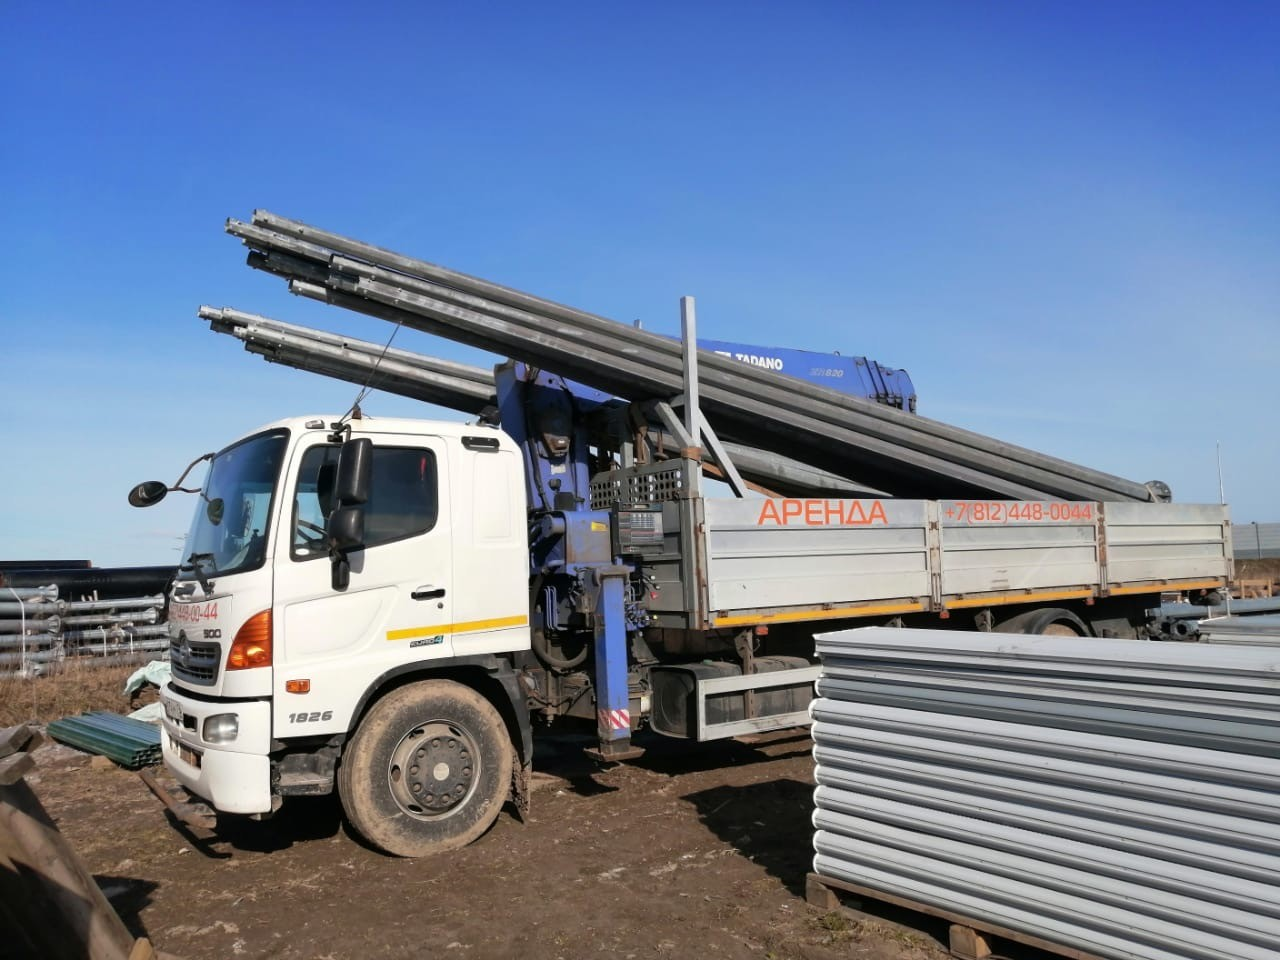 Перевозка и монтаж опор освещения длинной до 11 метров Эп 752